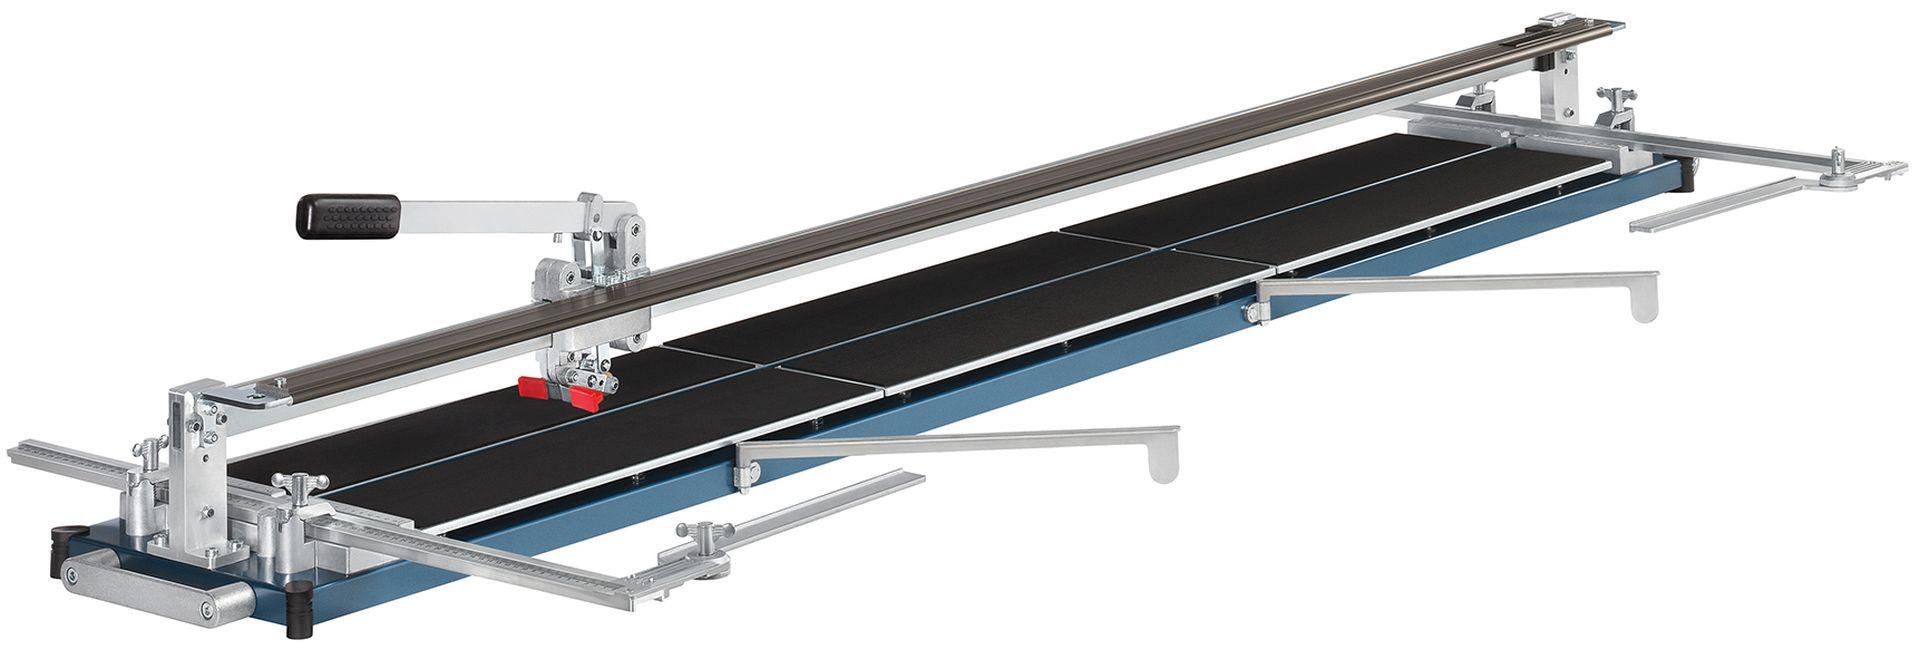 Kaufmann Fliesenschneidmaschine TOPLINE PRO 1.830 mm, mit Doppelführung und zwei langen Anschlagwinkeln